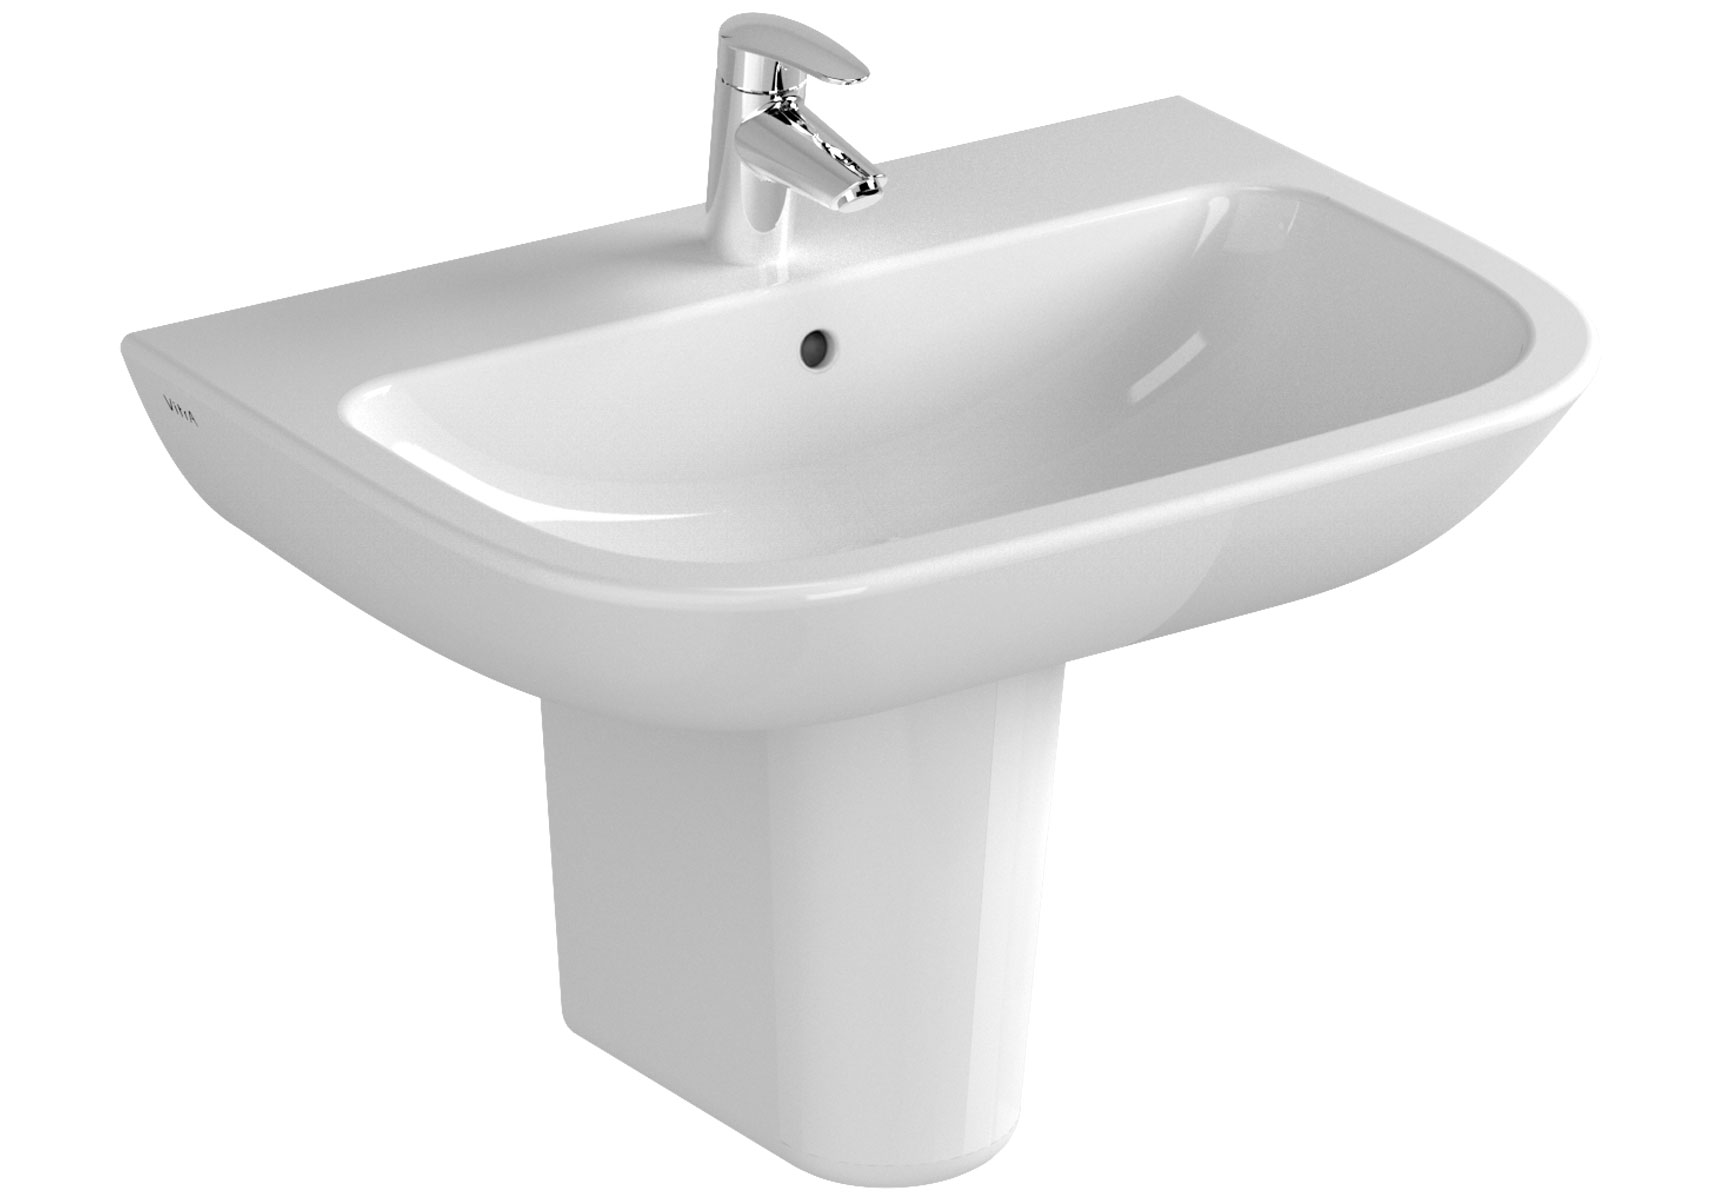 S20 Waschtisch, 65 cm,  1 Hahnloch mittig, mit Überlaufloch, Weiß